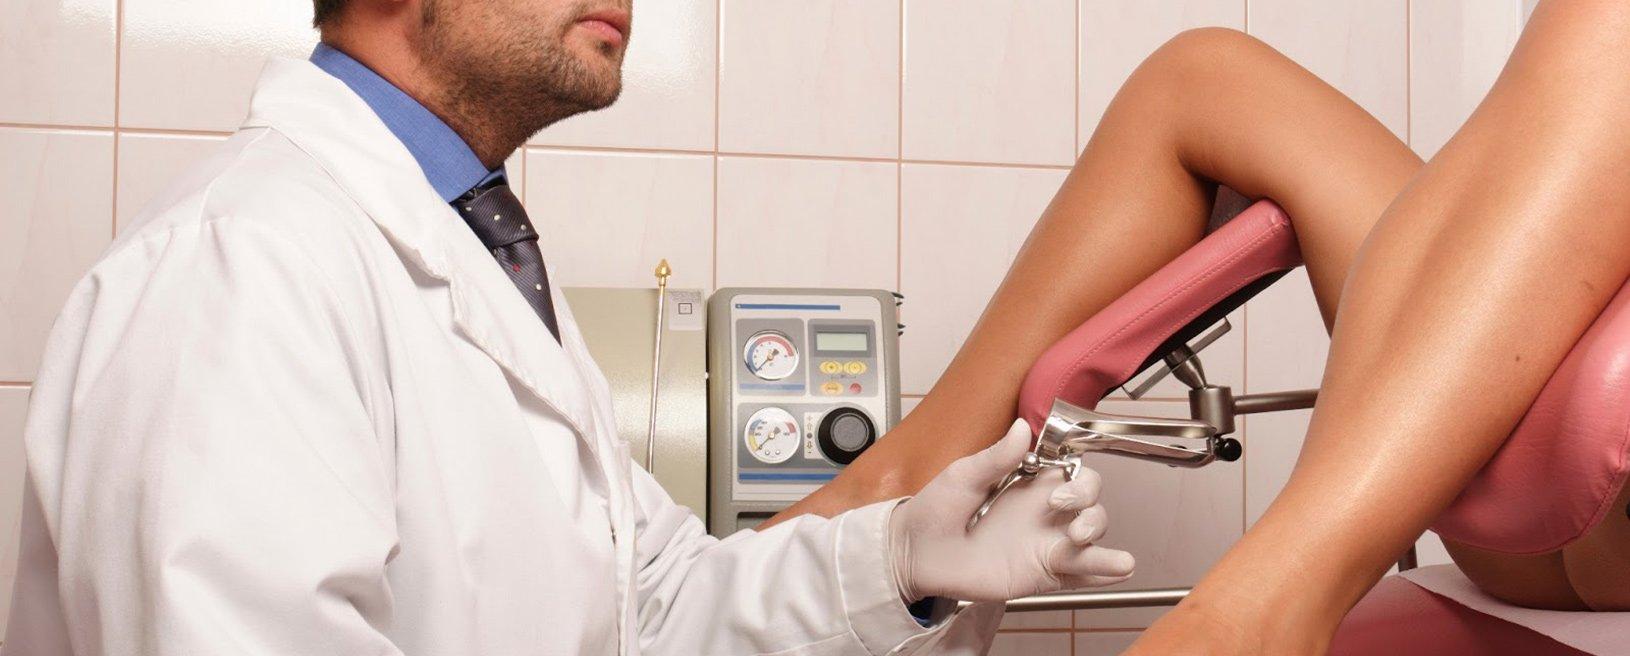 Смотреть как женщина пришла на прием к гинекологу 21 фотография